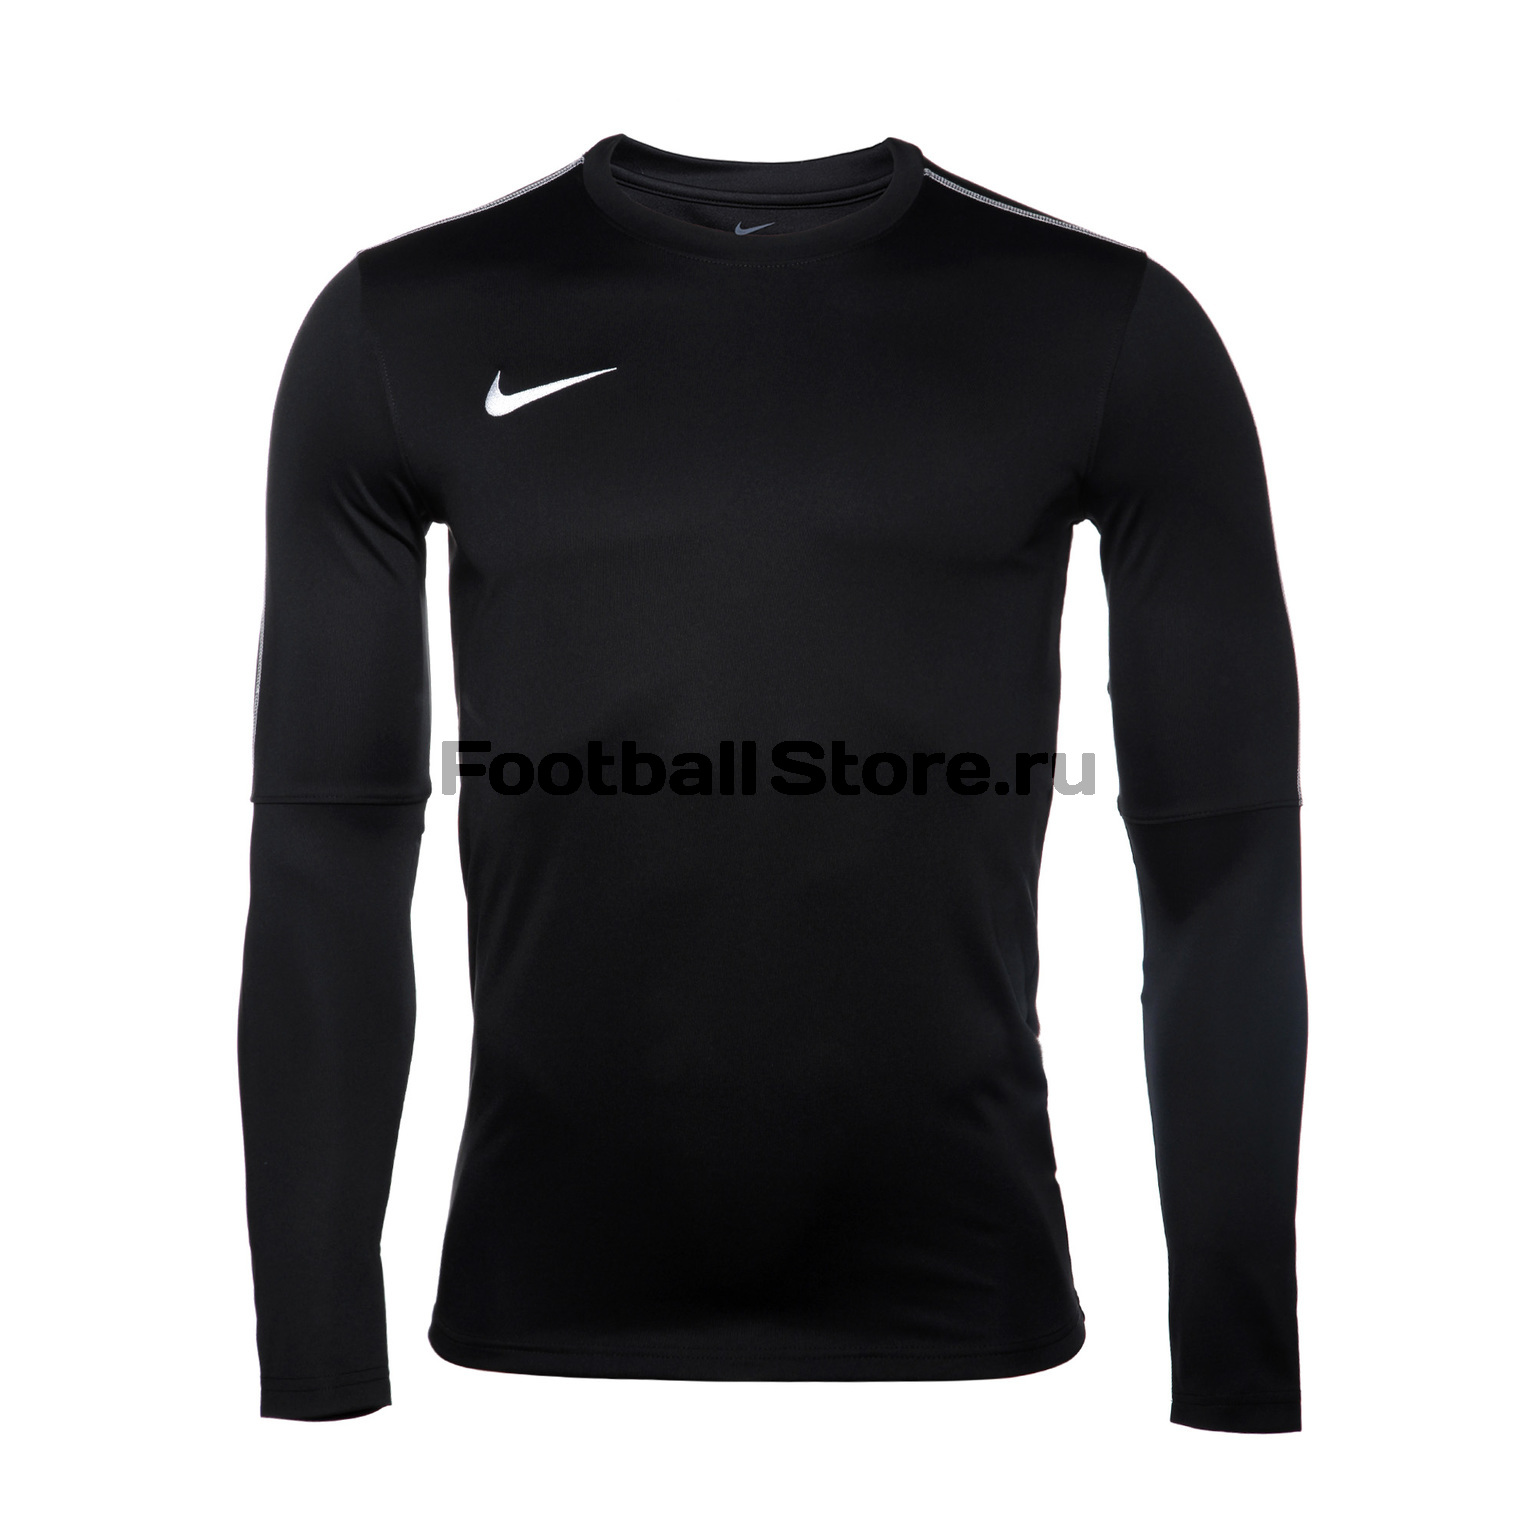 Свитер тренировочный Nike Dry Park18 Crew Top AA2088-010 свитера толстовки nike свитер тренировочный nike dry sqd top 859197 010